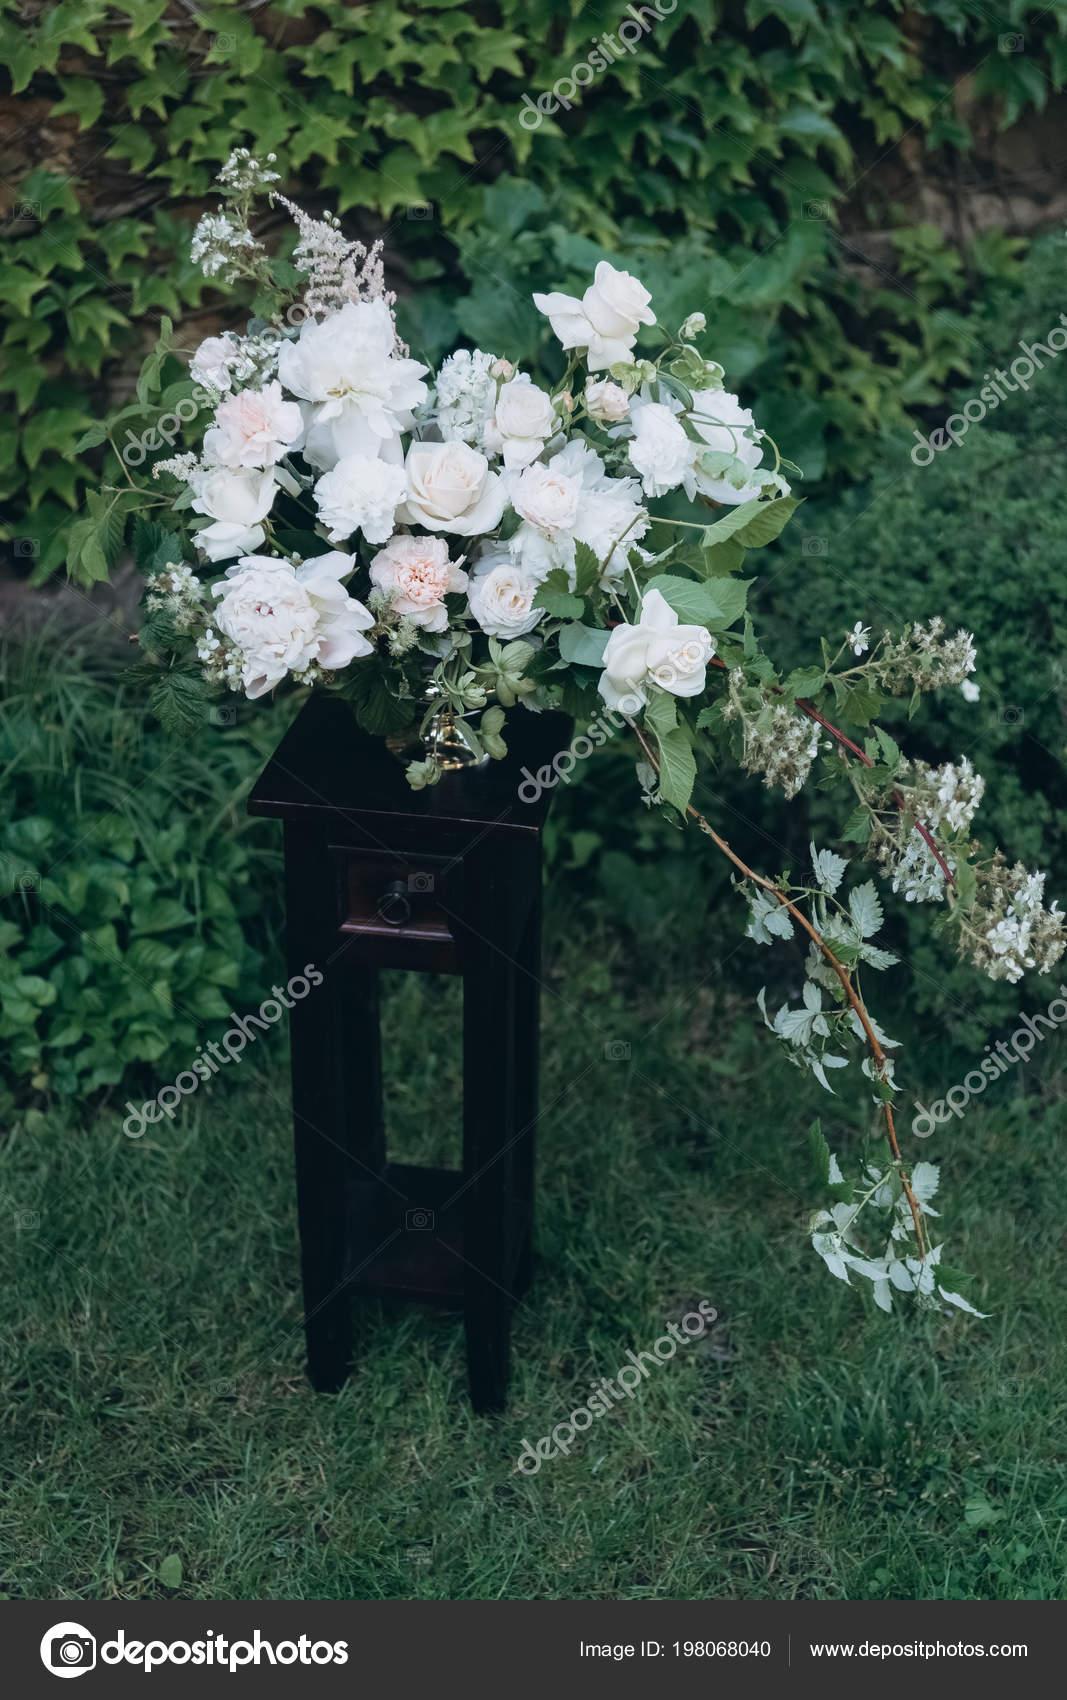 Krasne Bile Kvetinove Kytice Jako Svatebni Dekorace Stojanu Zahrade